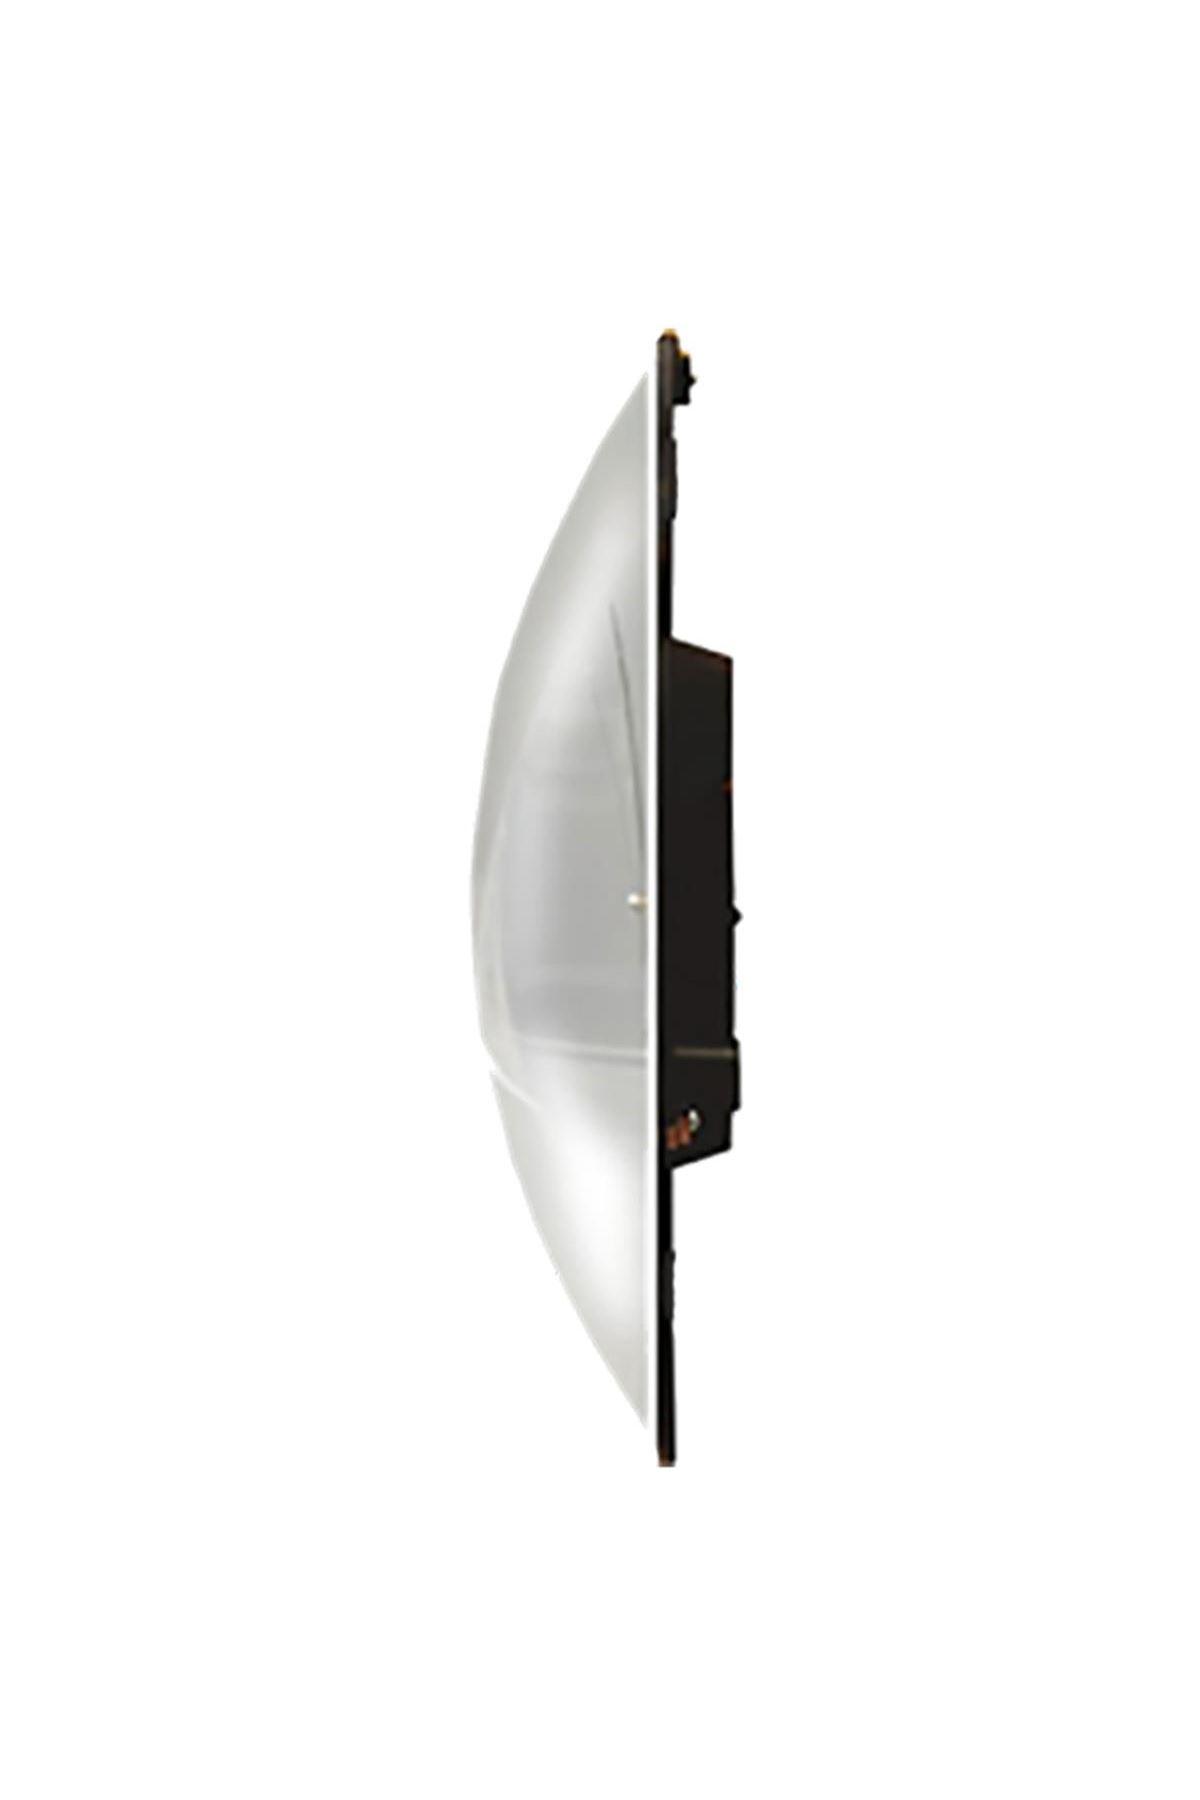 Rikon Çatlatma Desen Dekoratif Bombe Camlı Duvar Saati 35X35 Cm